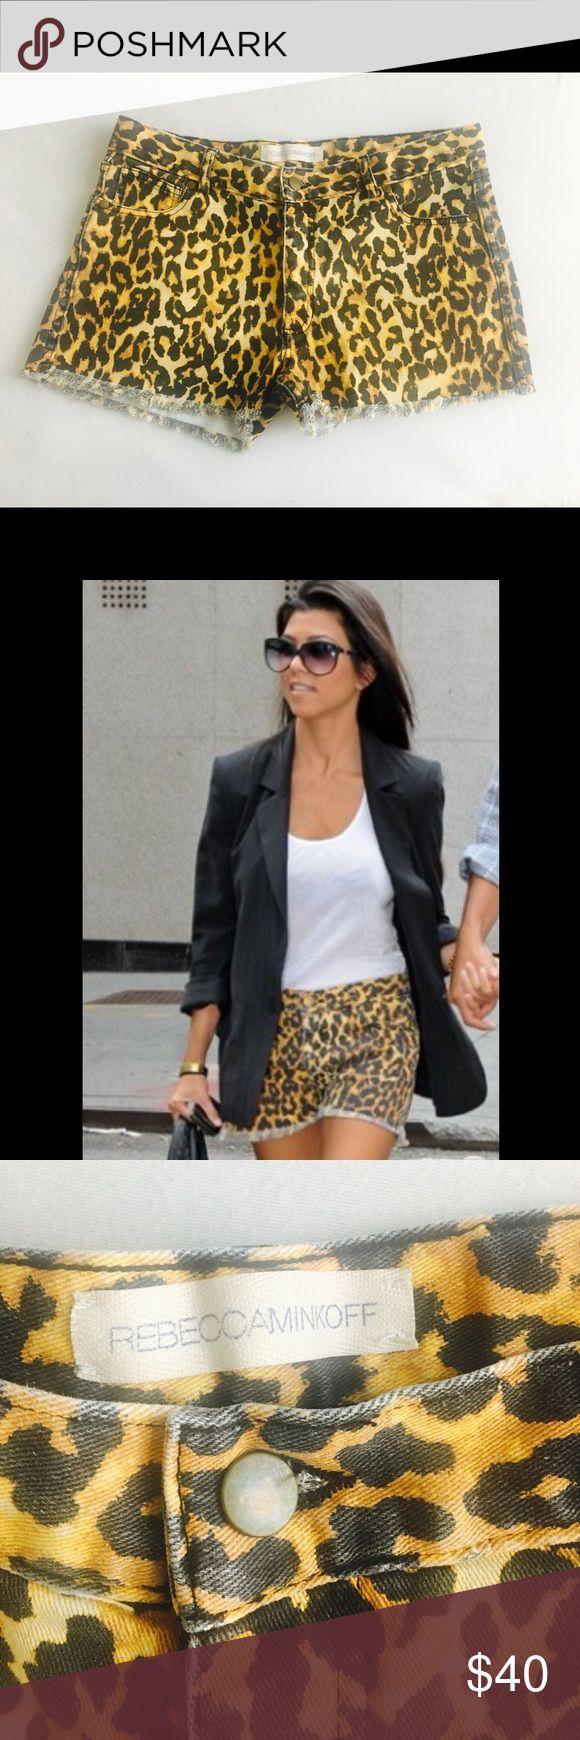 Rebecca Minkoff leopard print shorts Leopard print denim shorts by Rebecca Minkoff - size 6 Rebecca Minkoff Shorts Jean Shorts